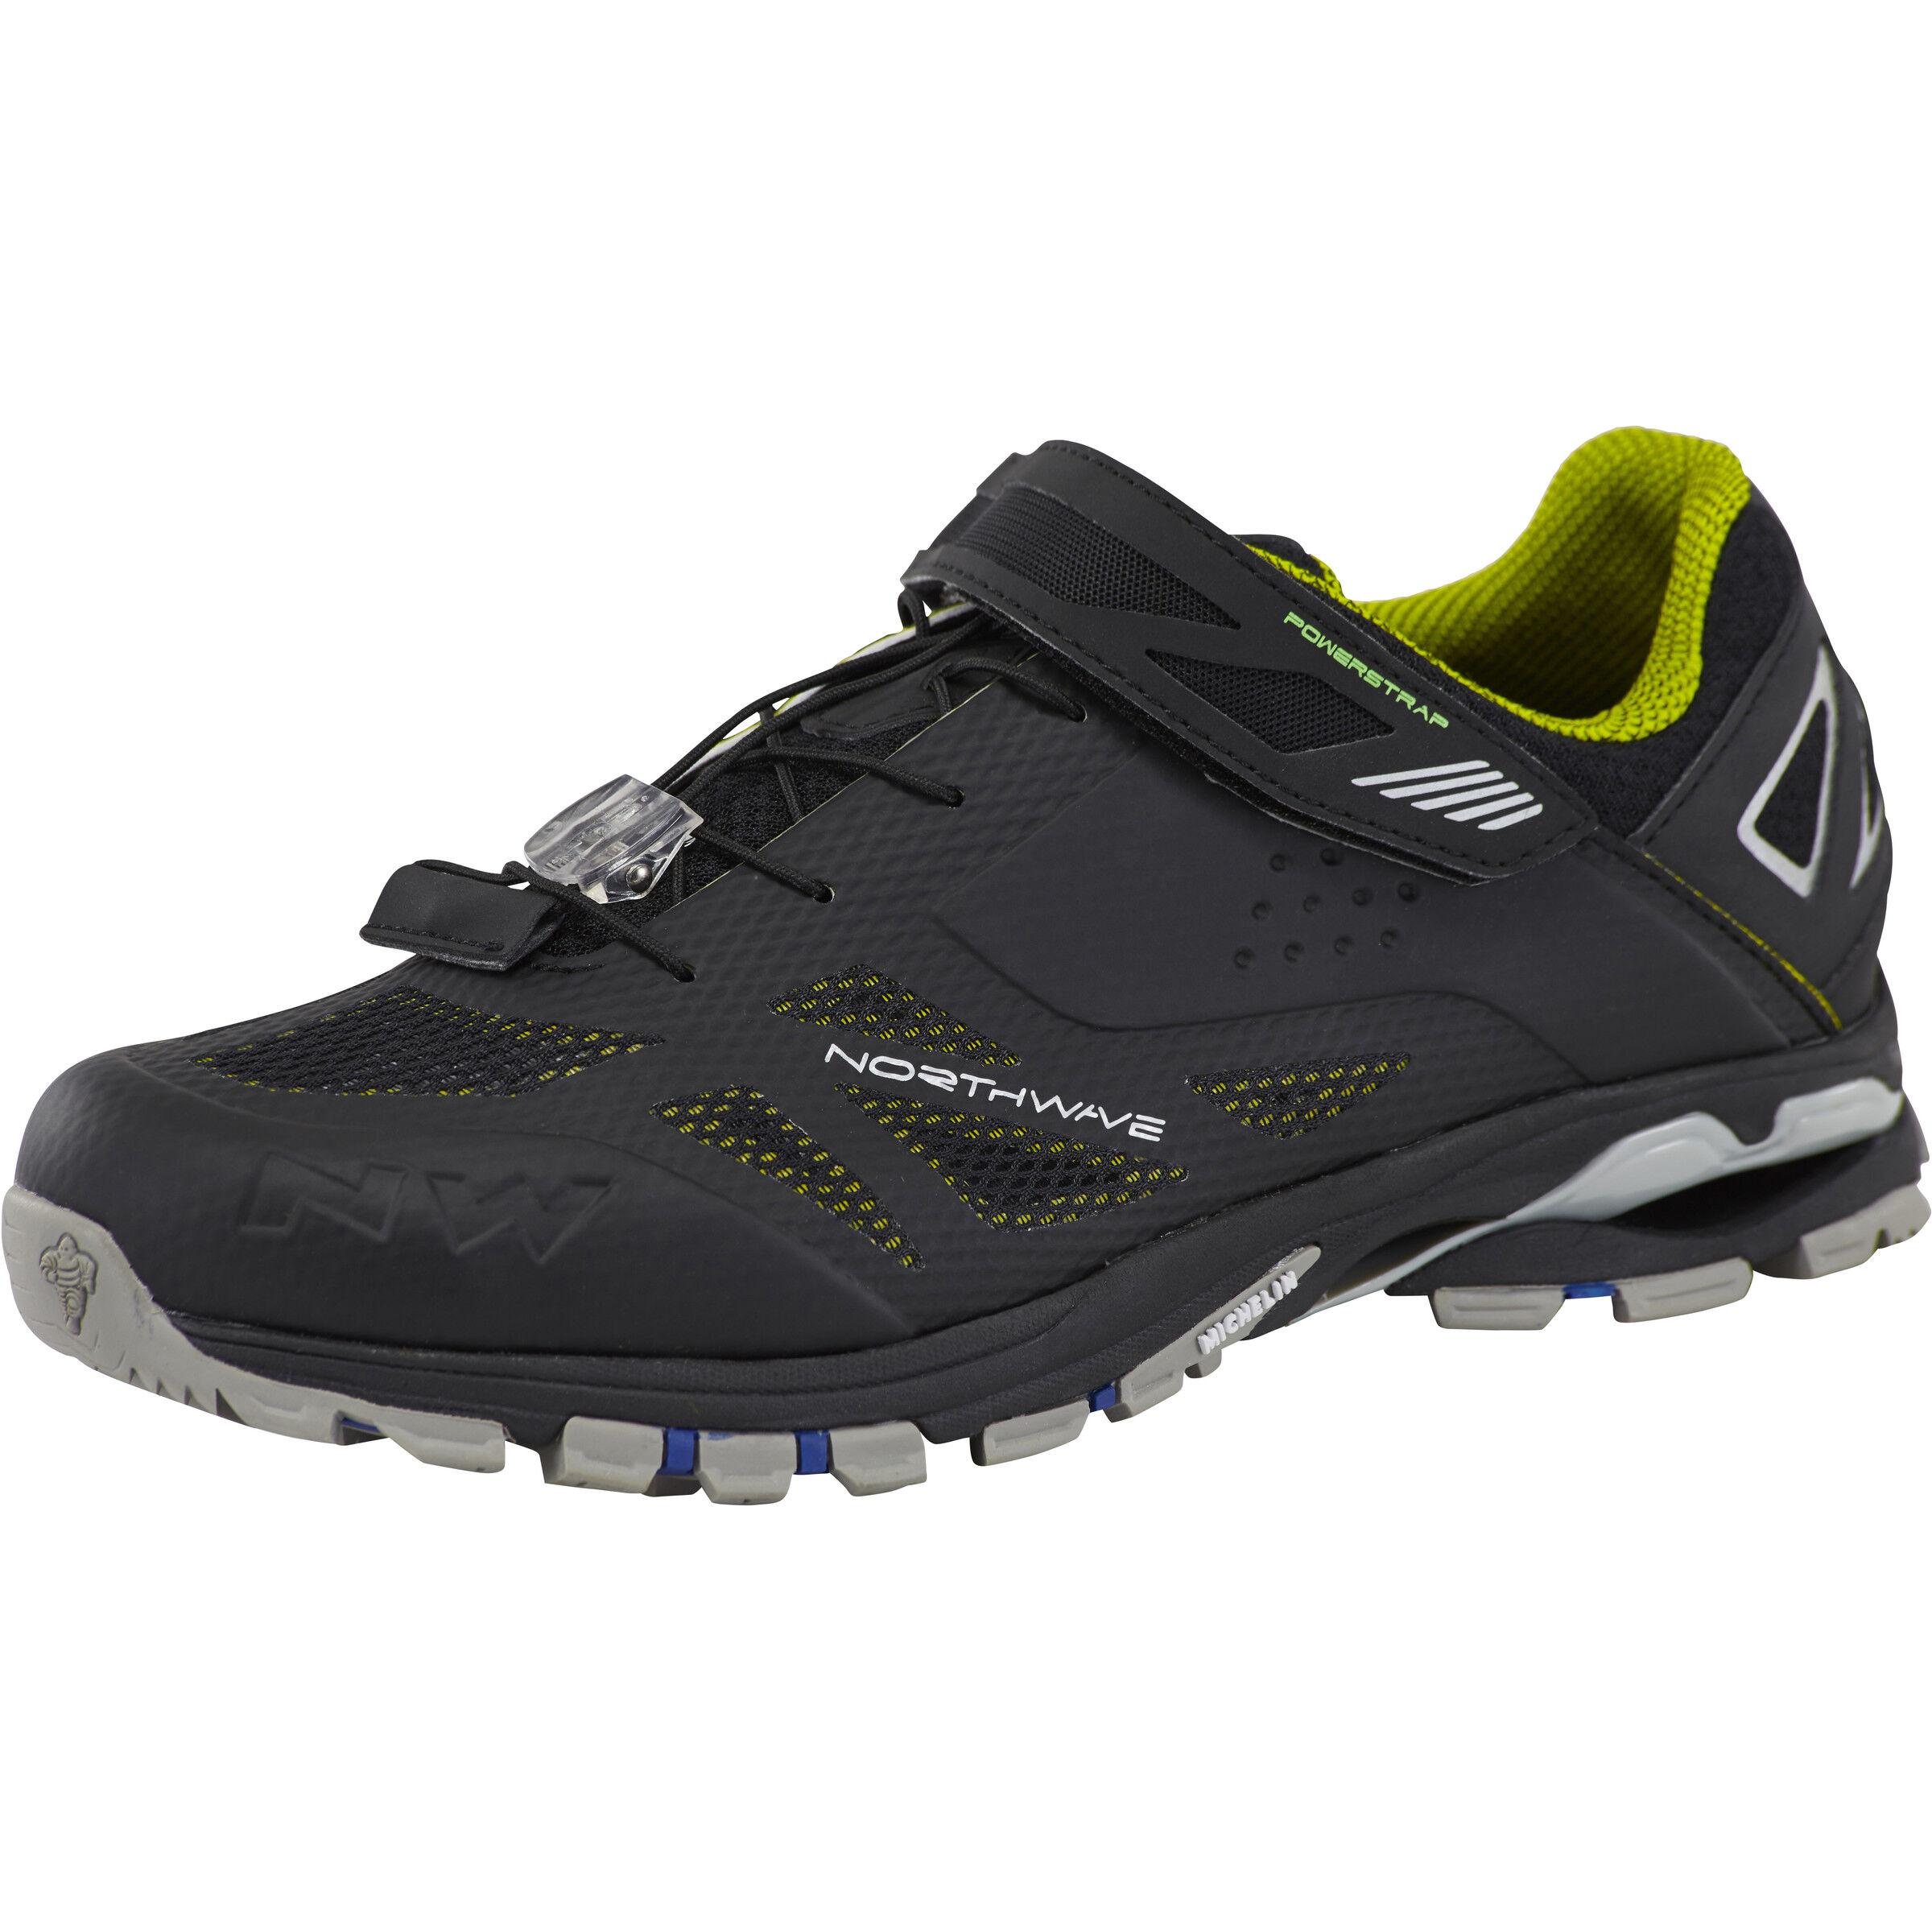 Adidas Terrex Günstig Mtb Kaufen Schuhe hdxQtsrC